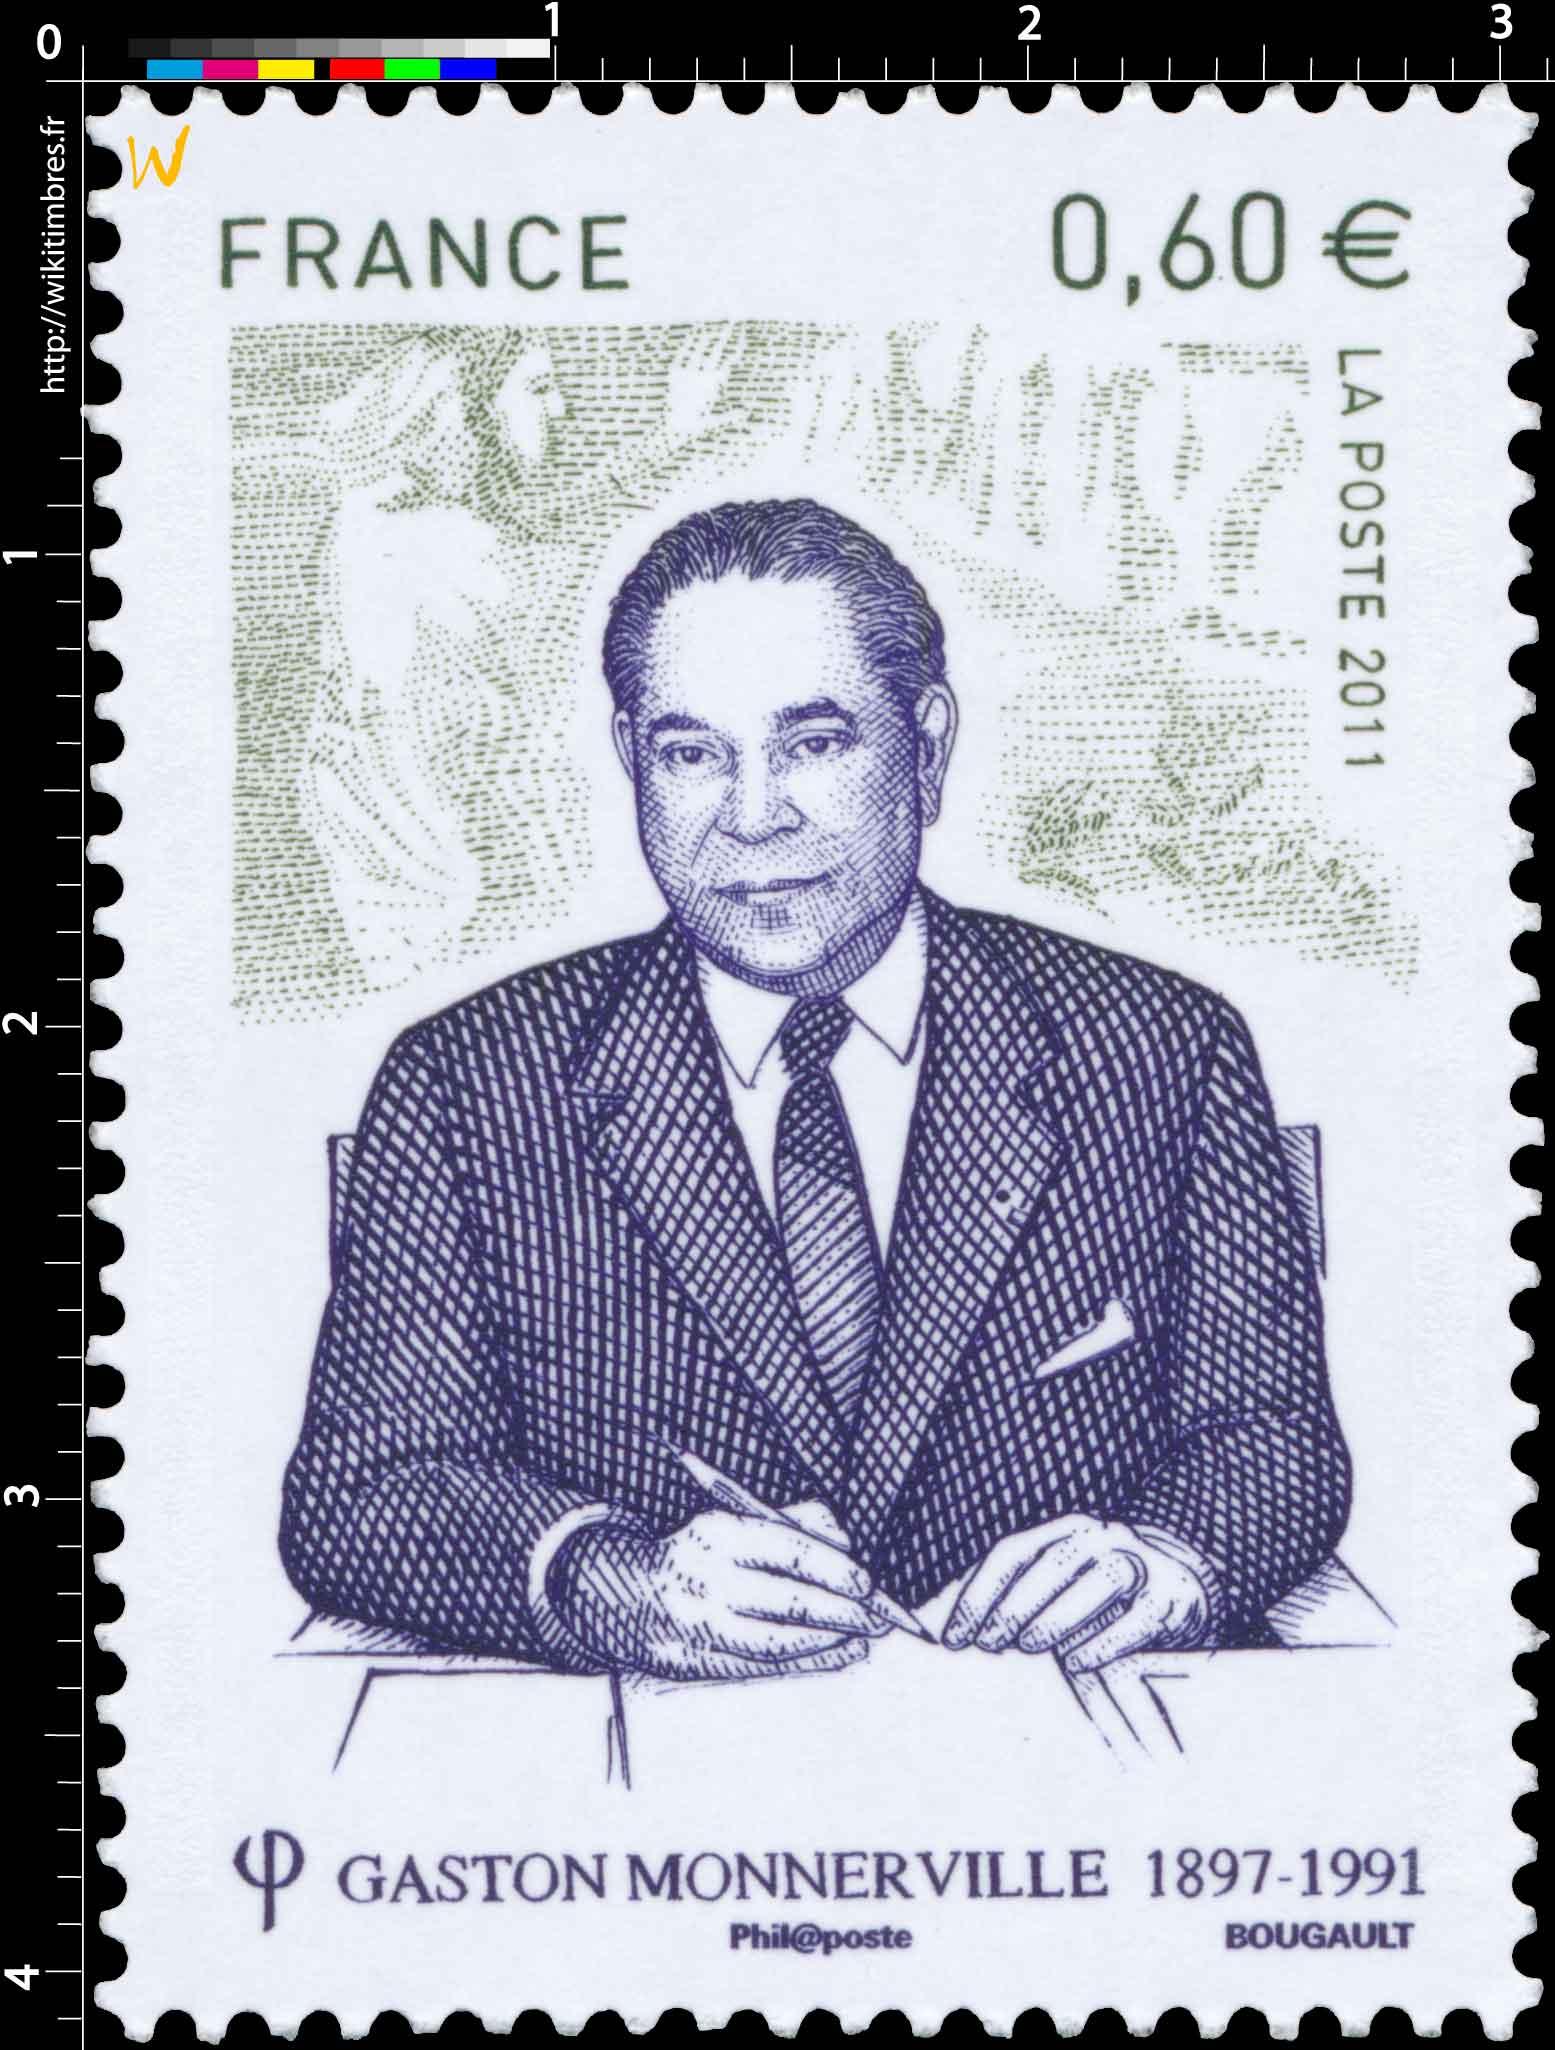 2011 GASTON MONNERVILLE 1897 - 1991